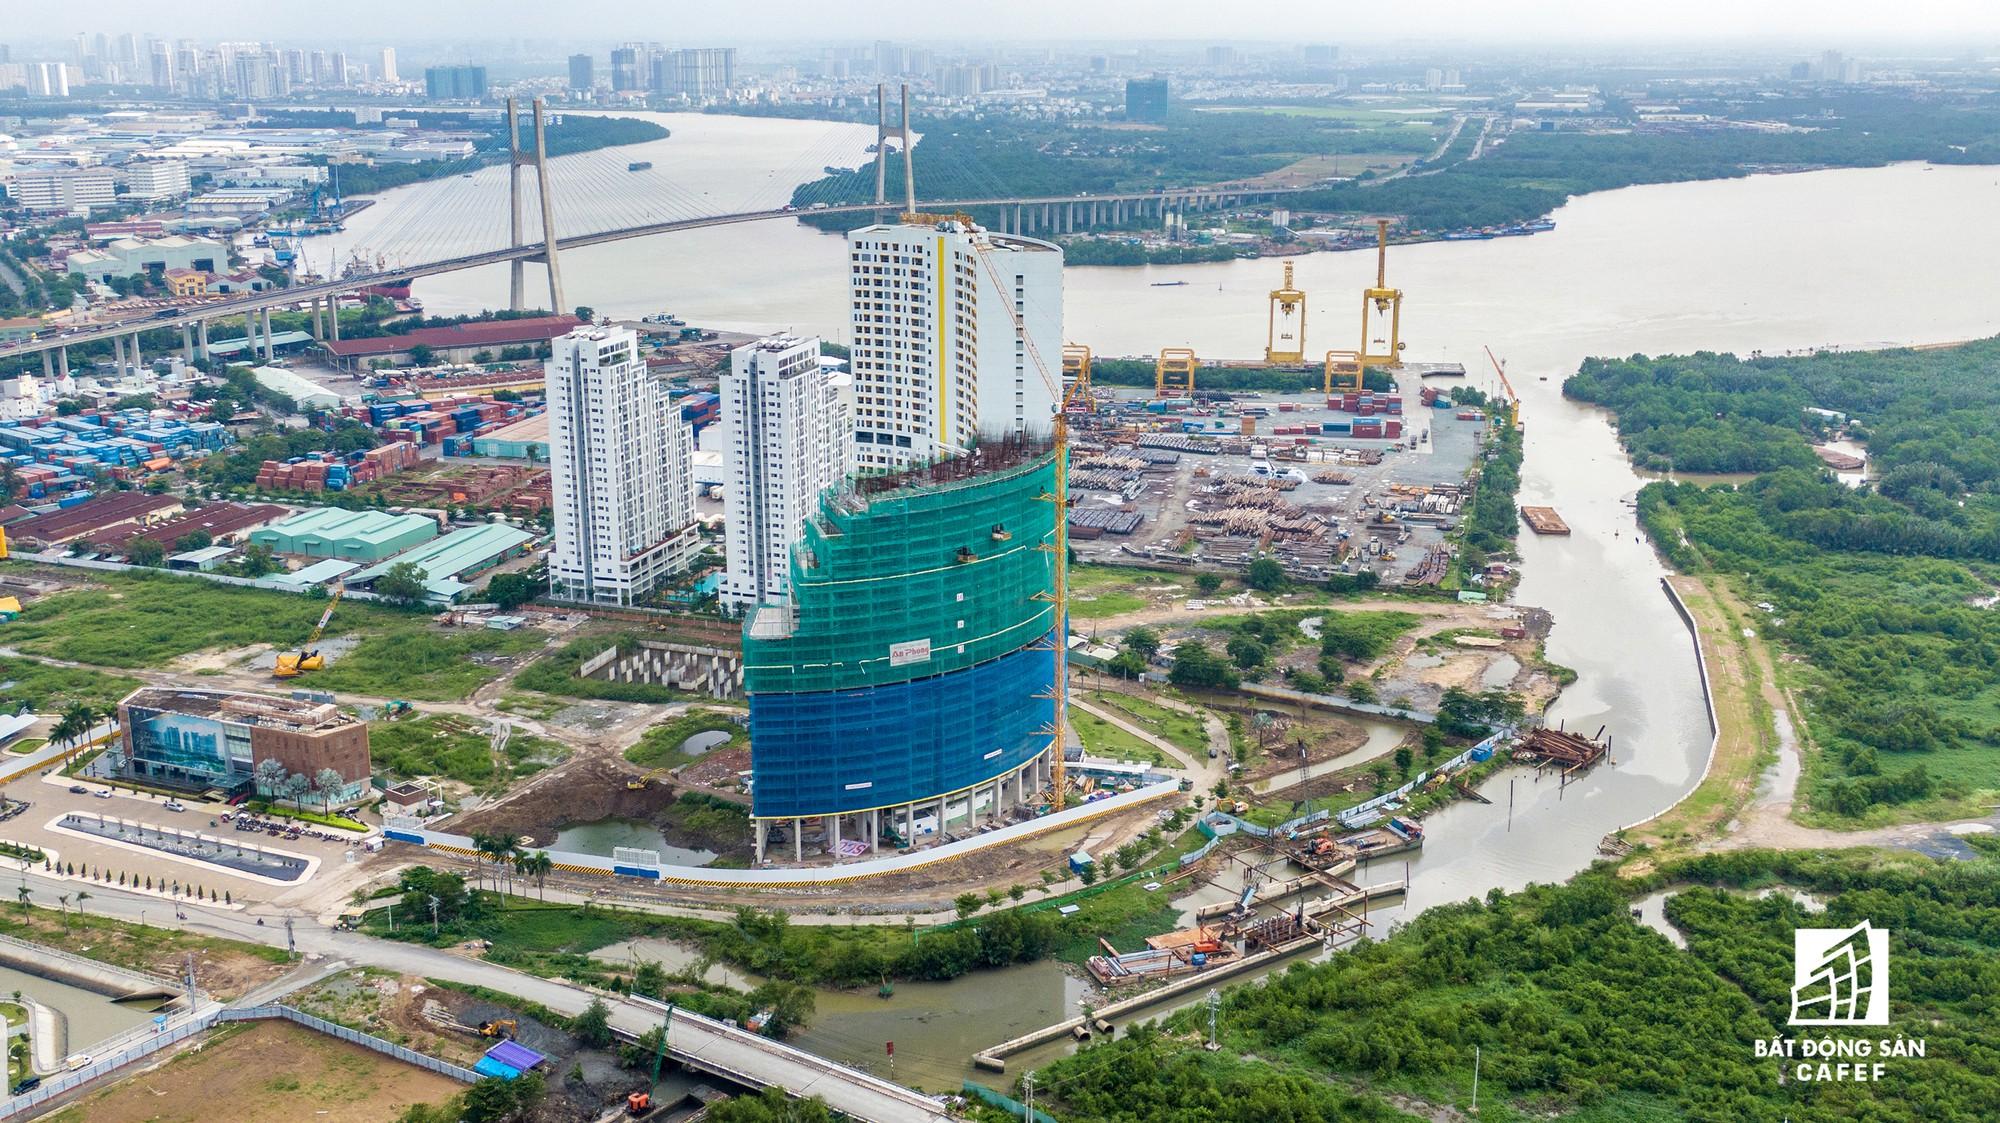 Diện mạo hai bờ sông Sài Gòn tương lai nhìn từ loạt siêu dự án tỷ đô, khu vực trung tâm giá nhà lên hơn 1 tỷ đồng/m2 - Ảnh 18. Diện mạo hai bờ sông Sài Gòn tương lai nhìn từ loạt siêu dự án tỷ đô, khu vực trung tâm giá nhà lên hơn 1 tỷ đồng/m2 Diện mạo hai bờ sông Sài Gòn tương lai nhìn từ loạt siêu dự án tỷ đô, khu vực trung tâm giá nhà lên hơn 1 tỷ đồng/m2 hinh 58 1568277497392146375726